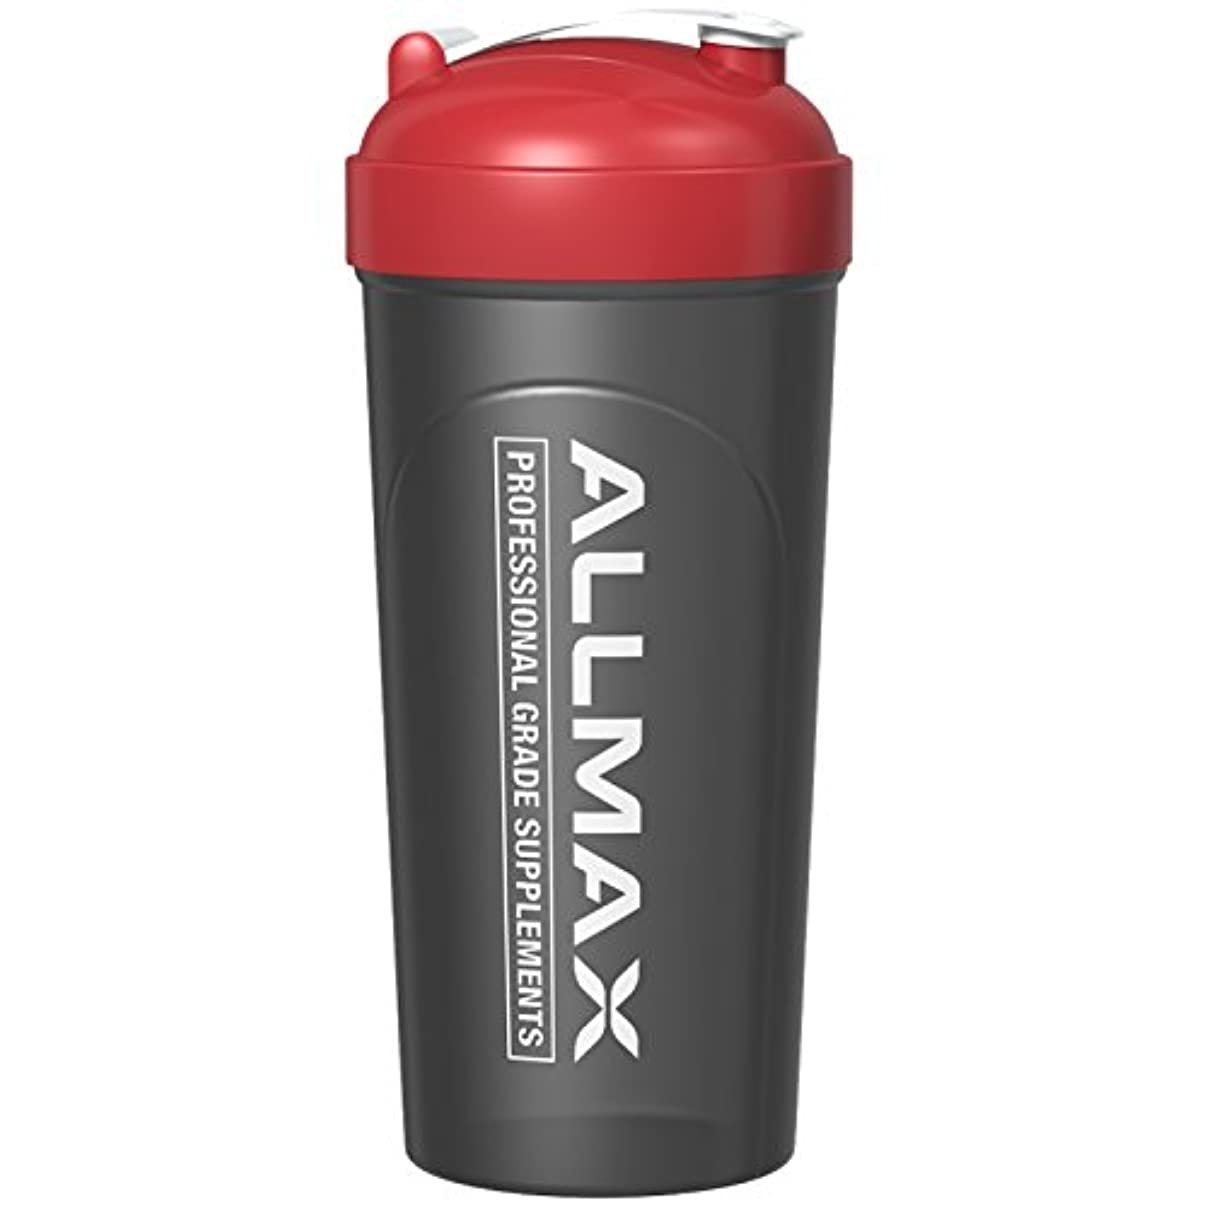 バンケット哺乳類ペーストALLMAX Nutrition, ボルテックスミキサー付き漏れ防止シェーカーボトル, 25 oz (700 ml)